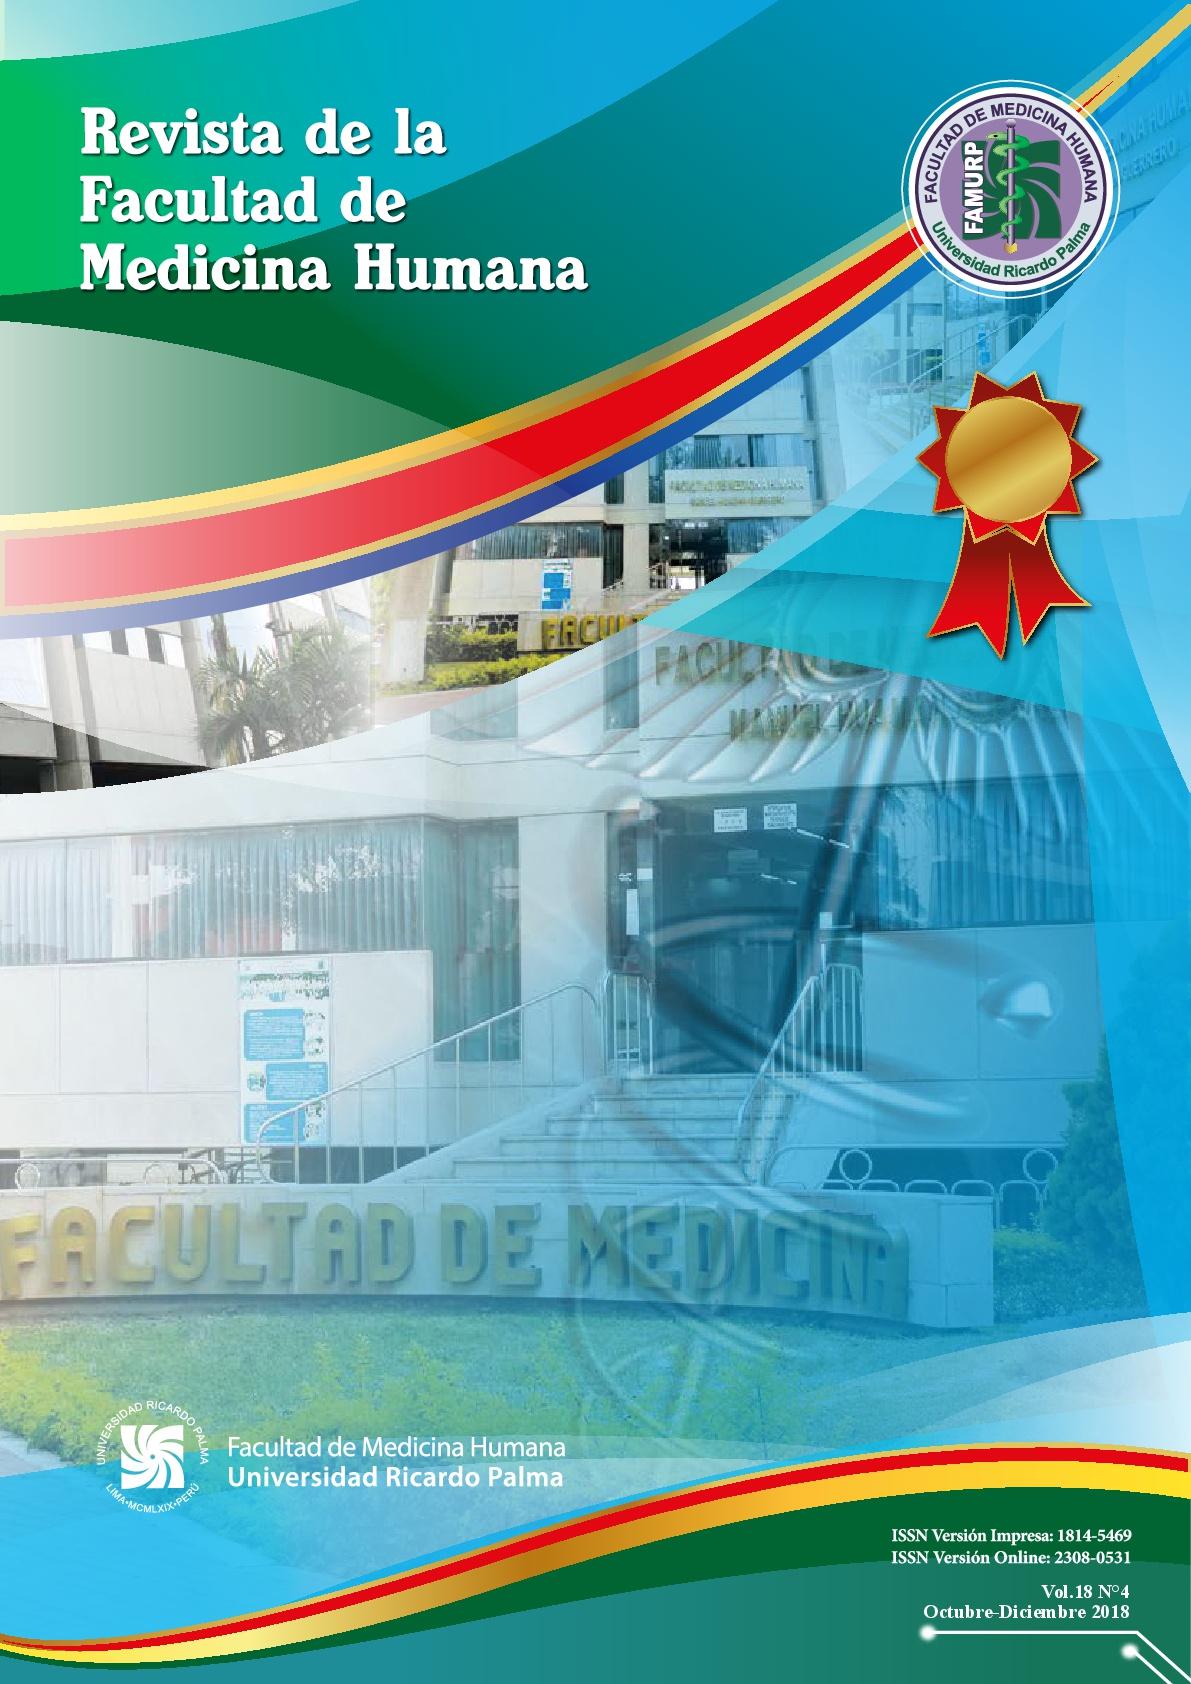 Revista de la Facultad de Medicina Humana N°4